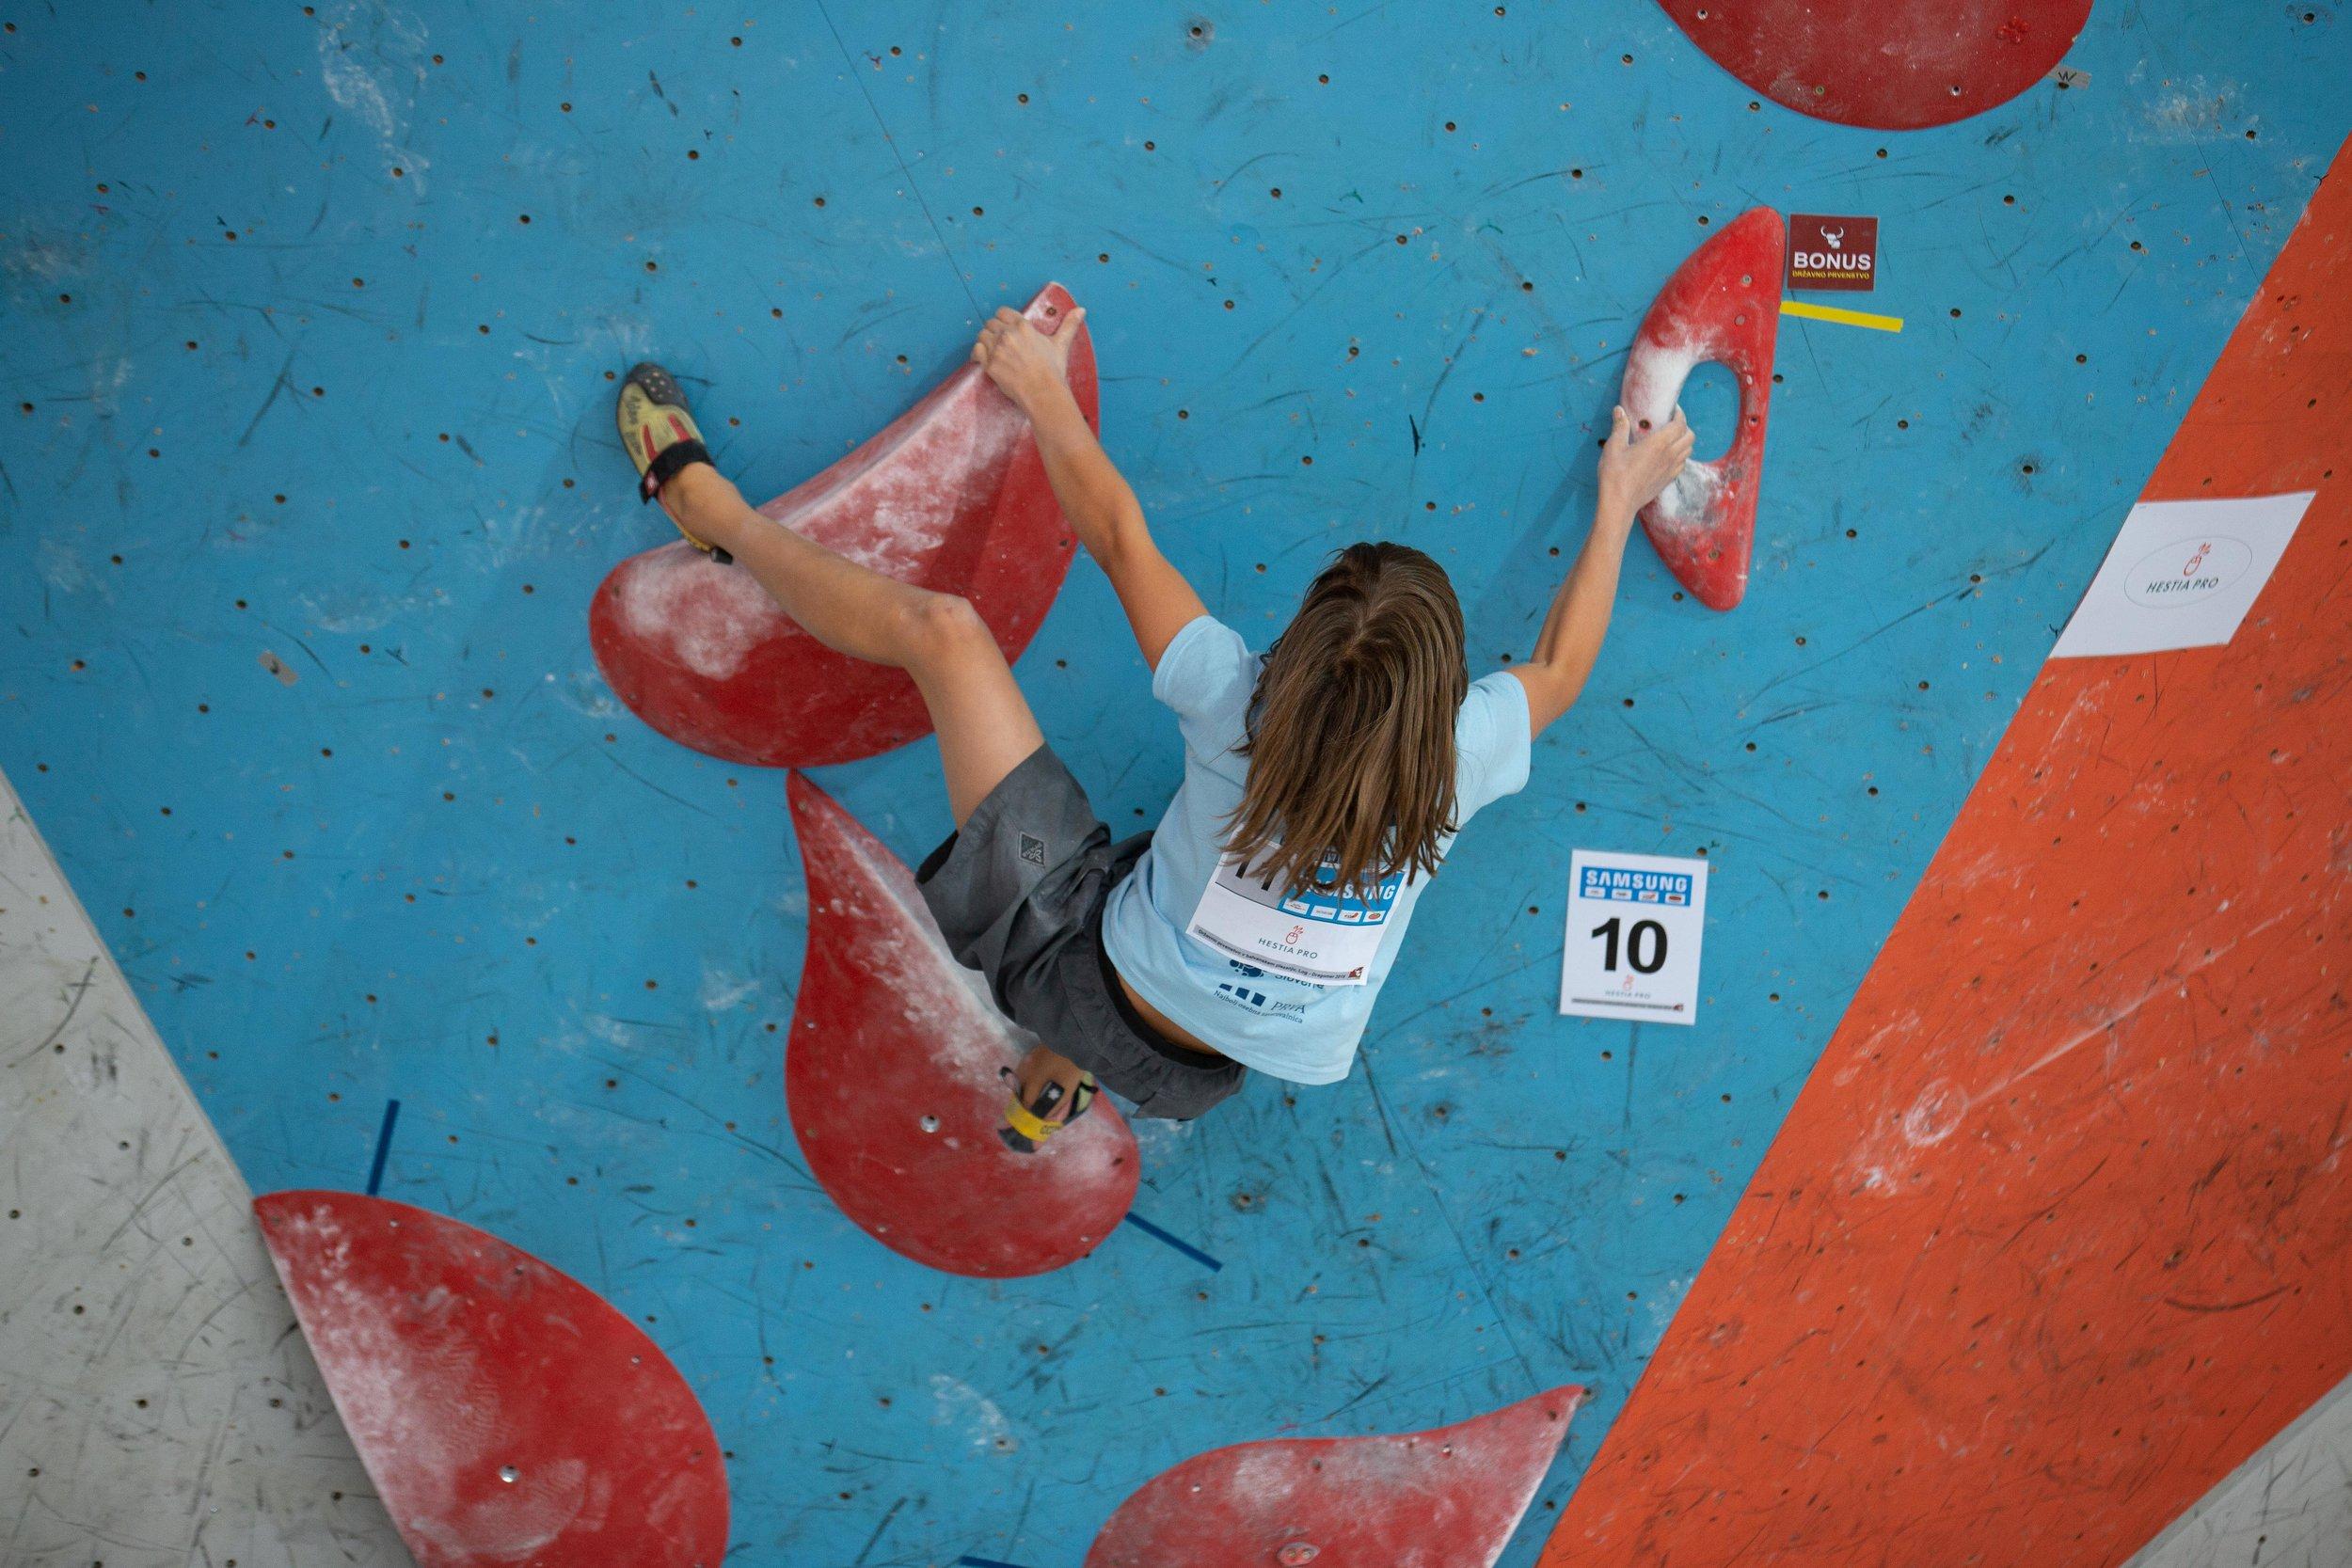 Plezalno društvo Grif državno prvenstvo balvani september 2019_28.jpg